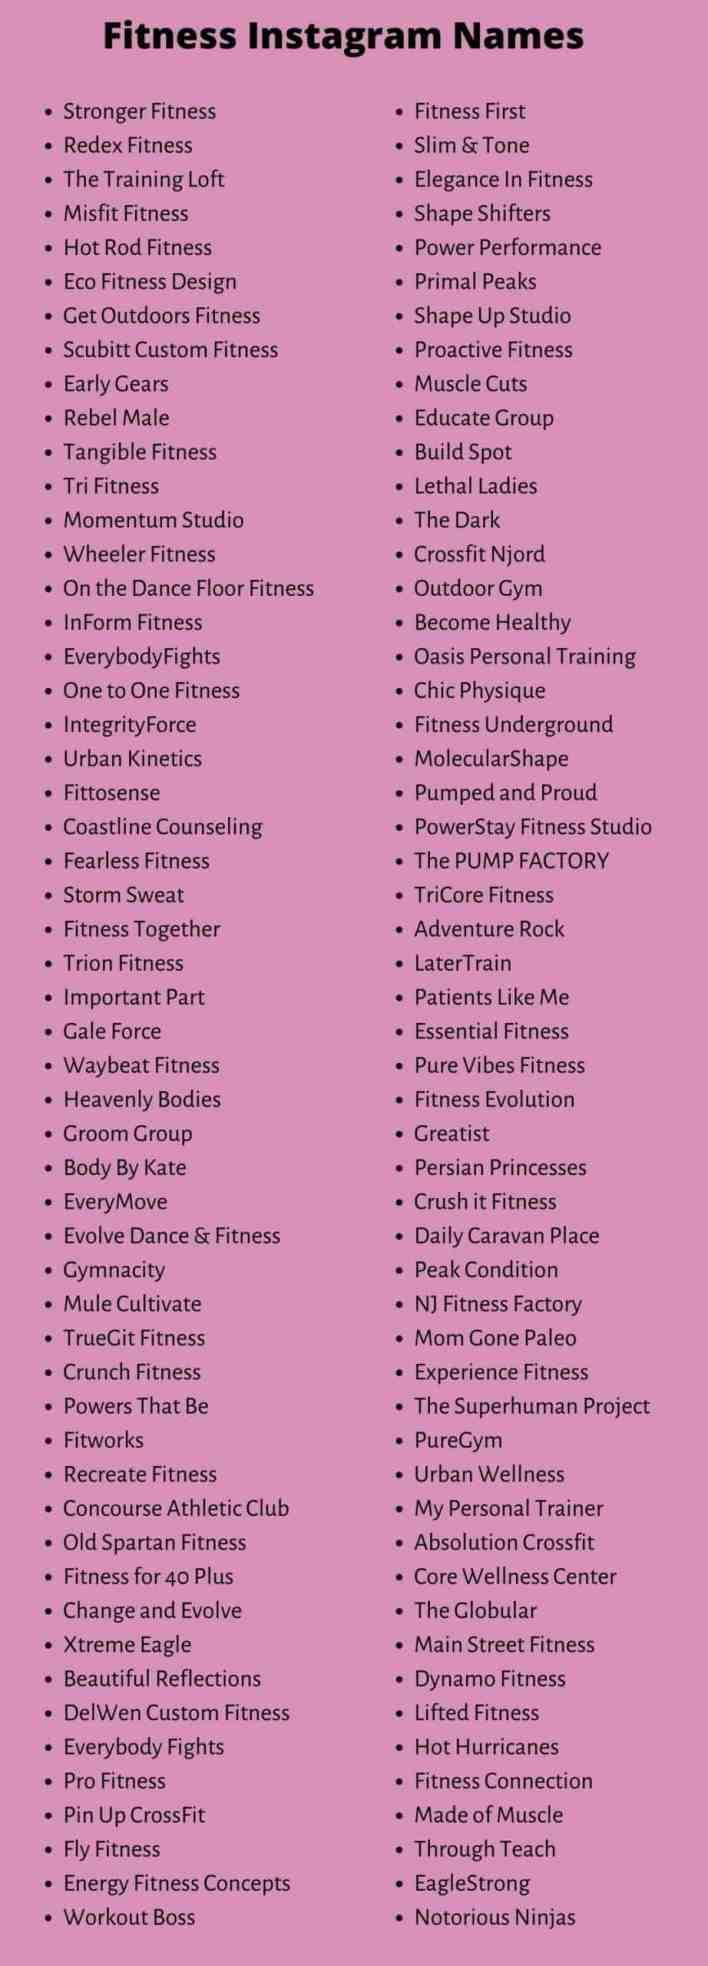 Fitness Instagram Names